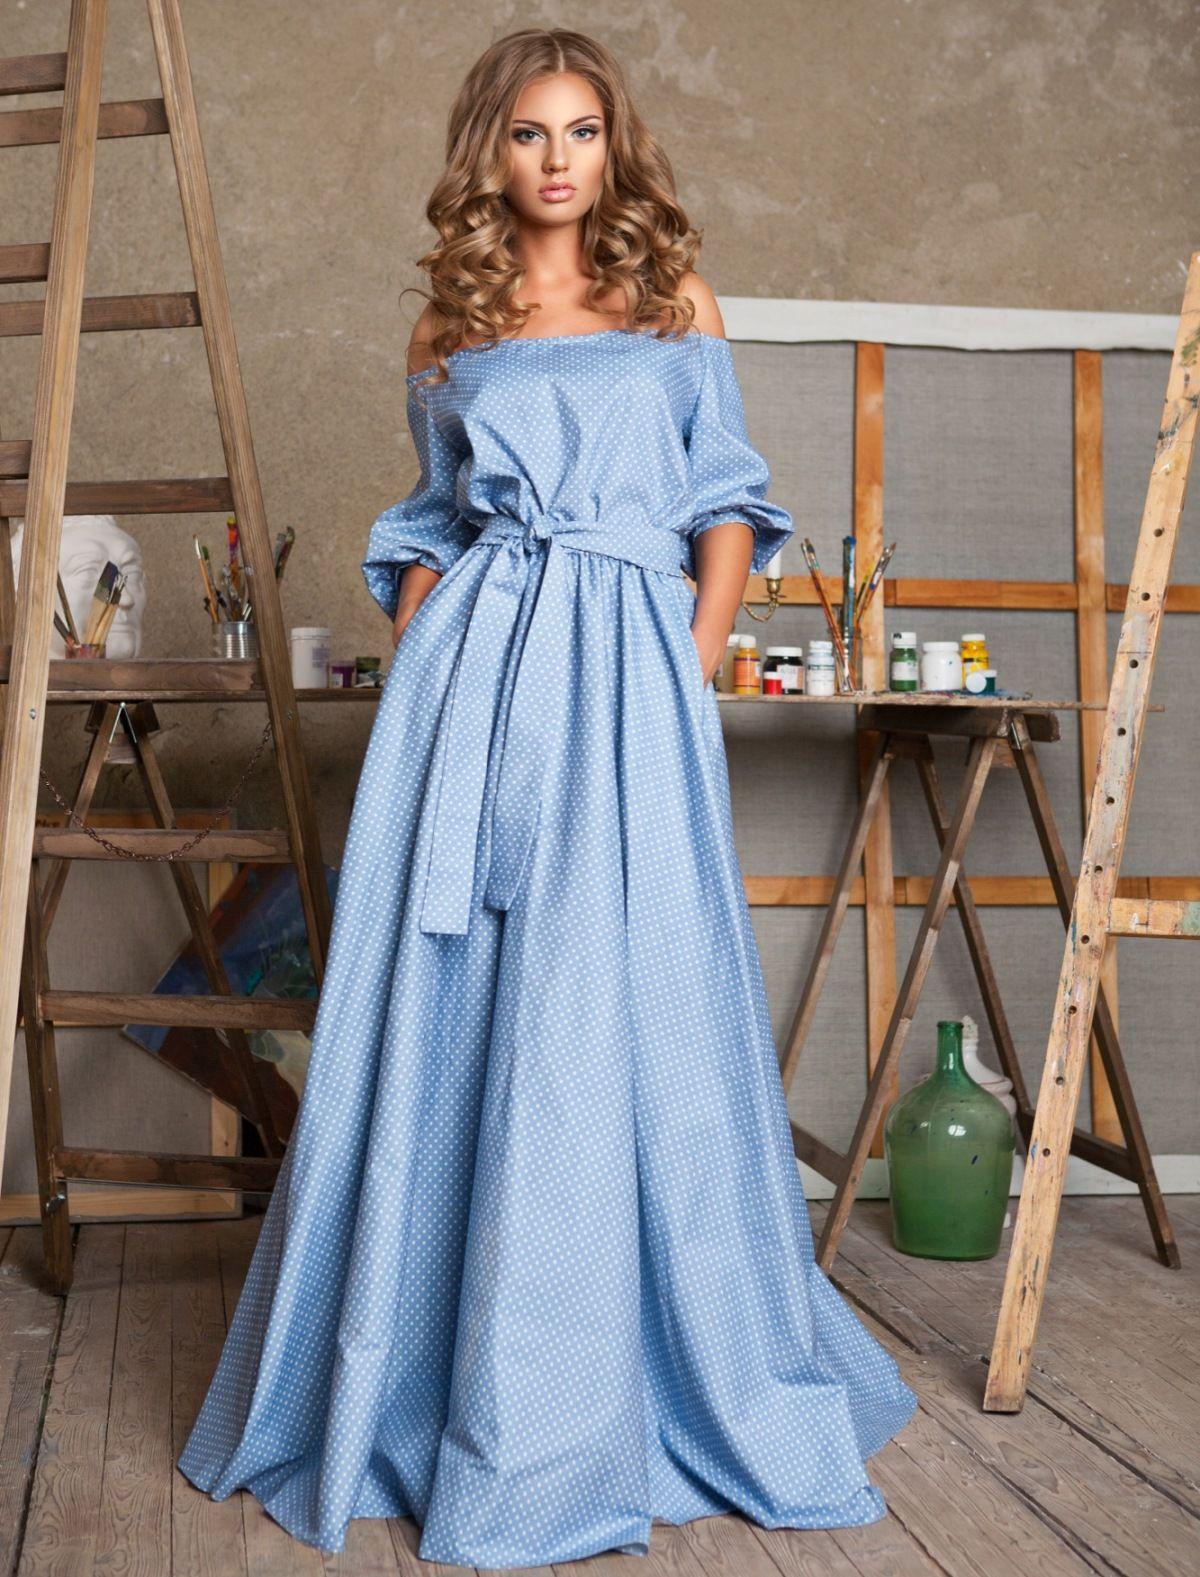 0fbbaa787b0 Платье-крестьянка (48 фото)  с открытыми плечами